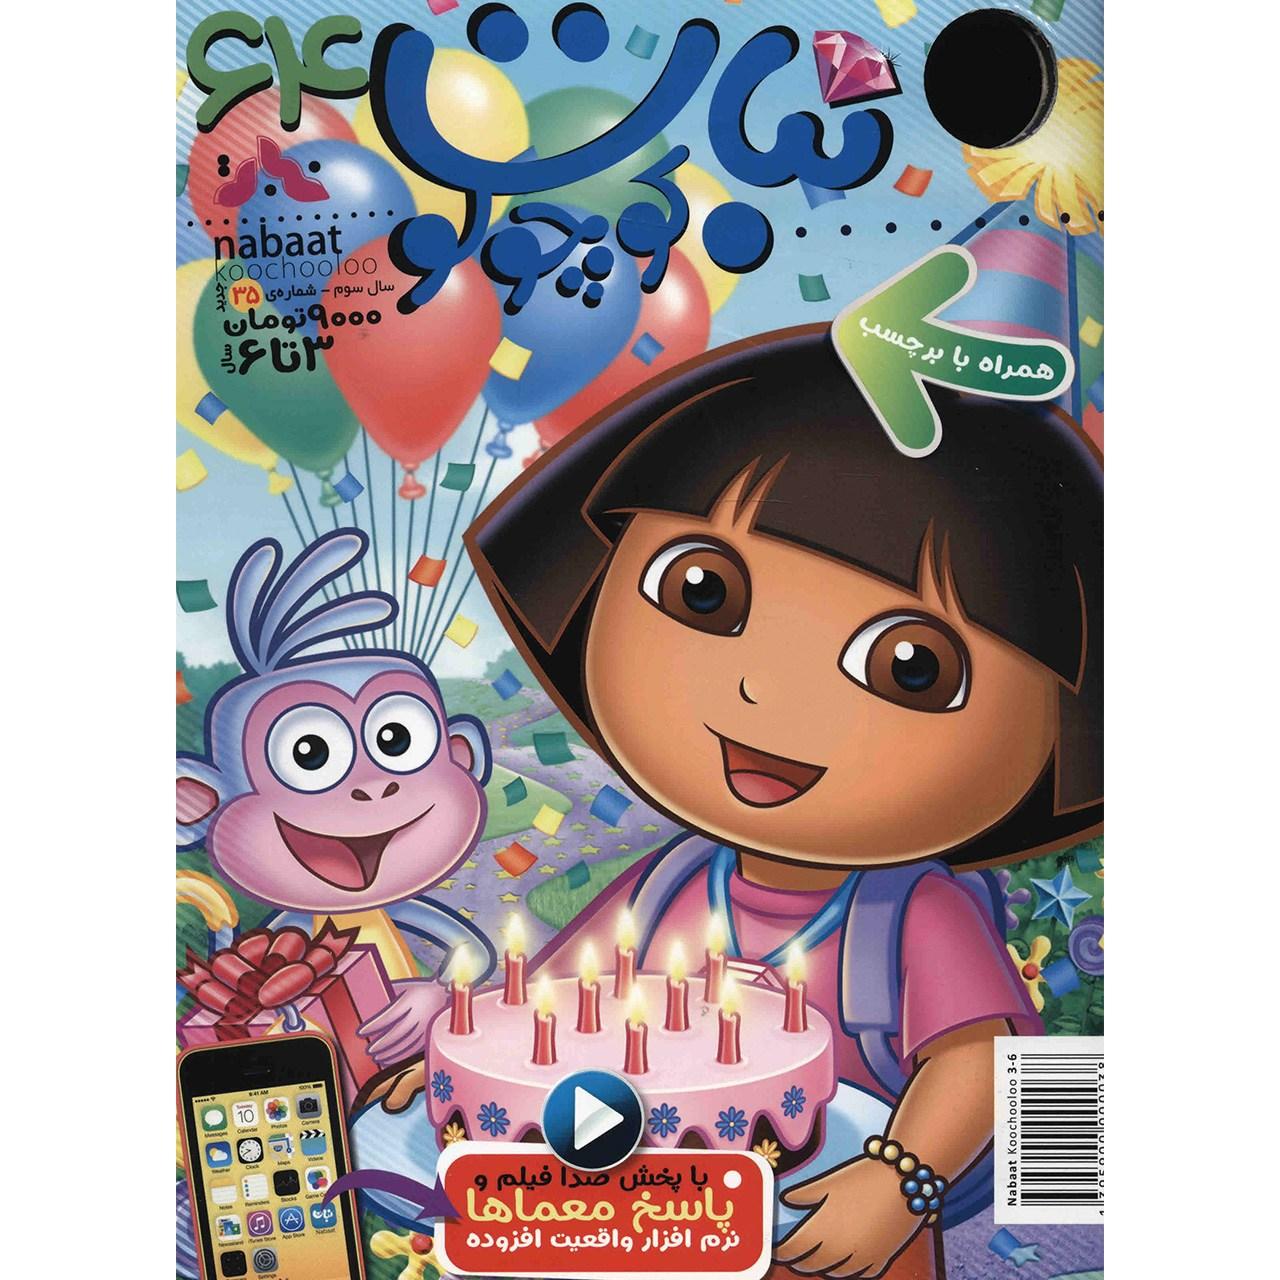 مجله نبات کوچولو - شماره 64